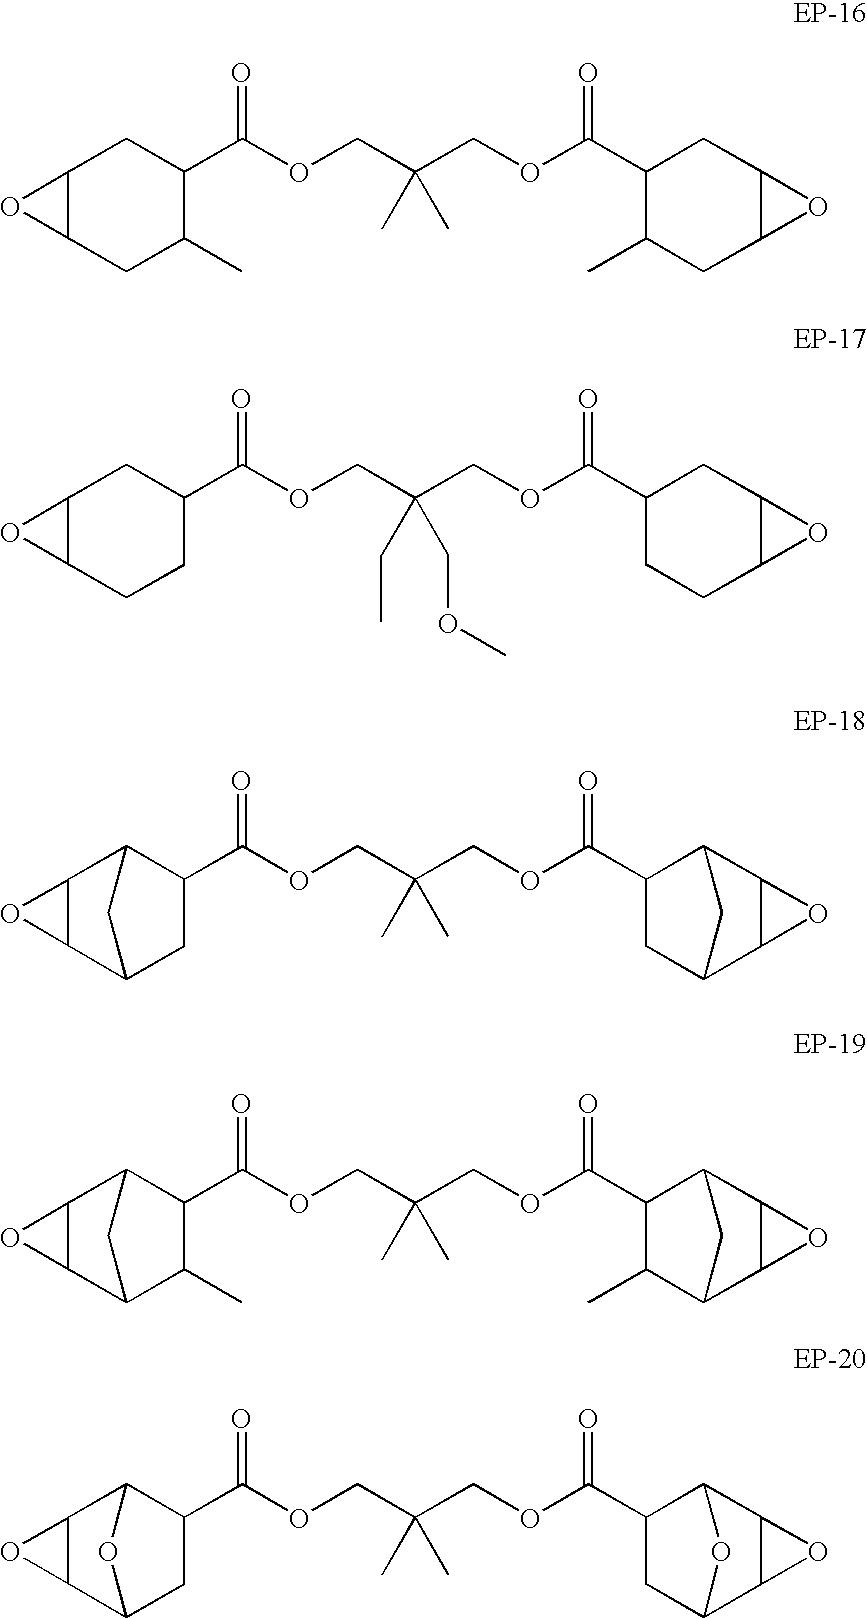 Figure US07473718-20090106-C00012